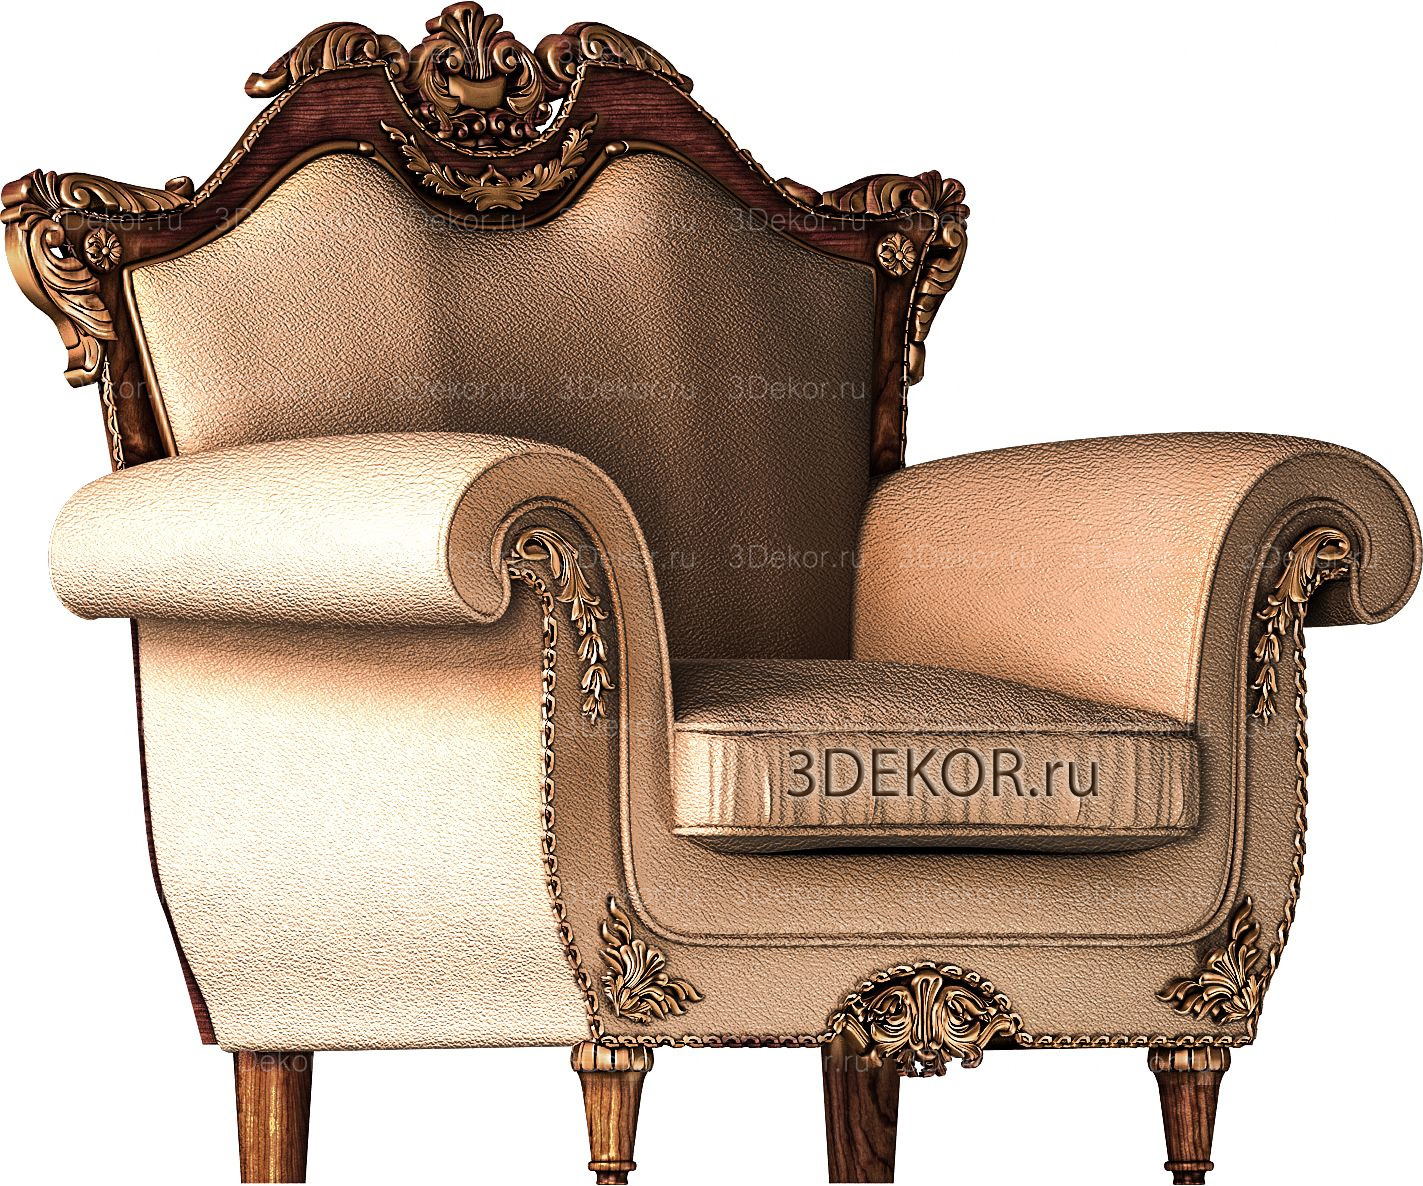 3д модель будущего изделия: 2-й этап изготовления мебели